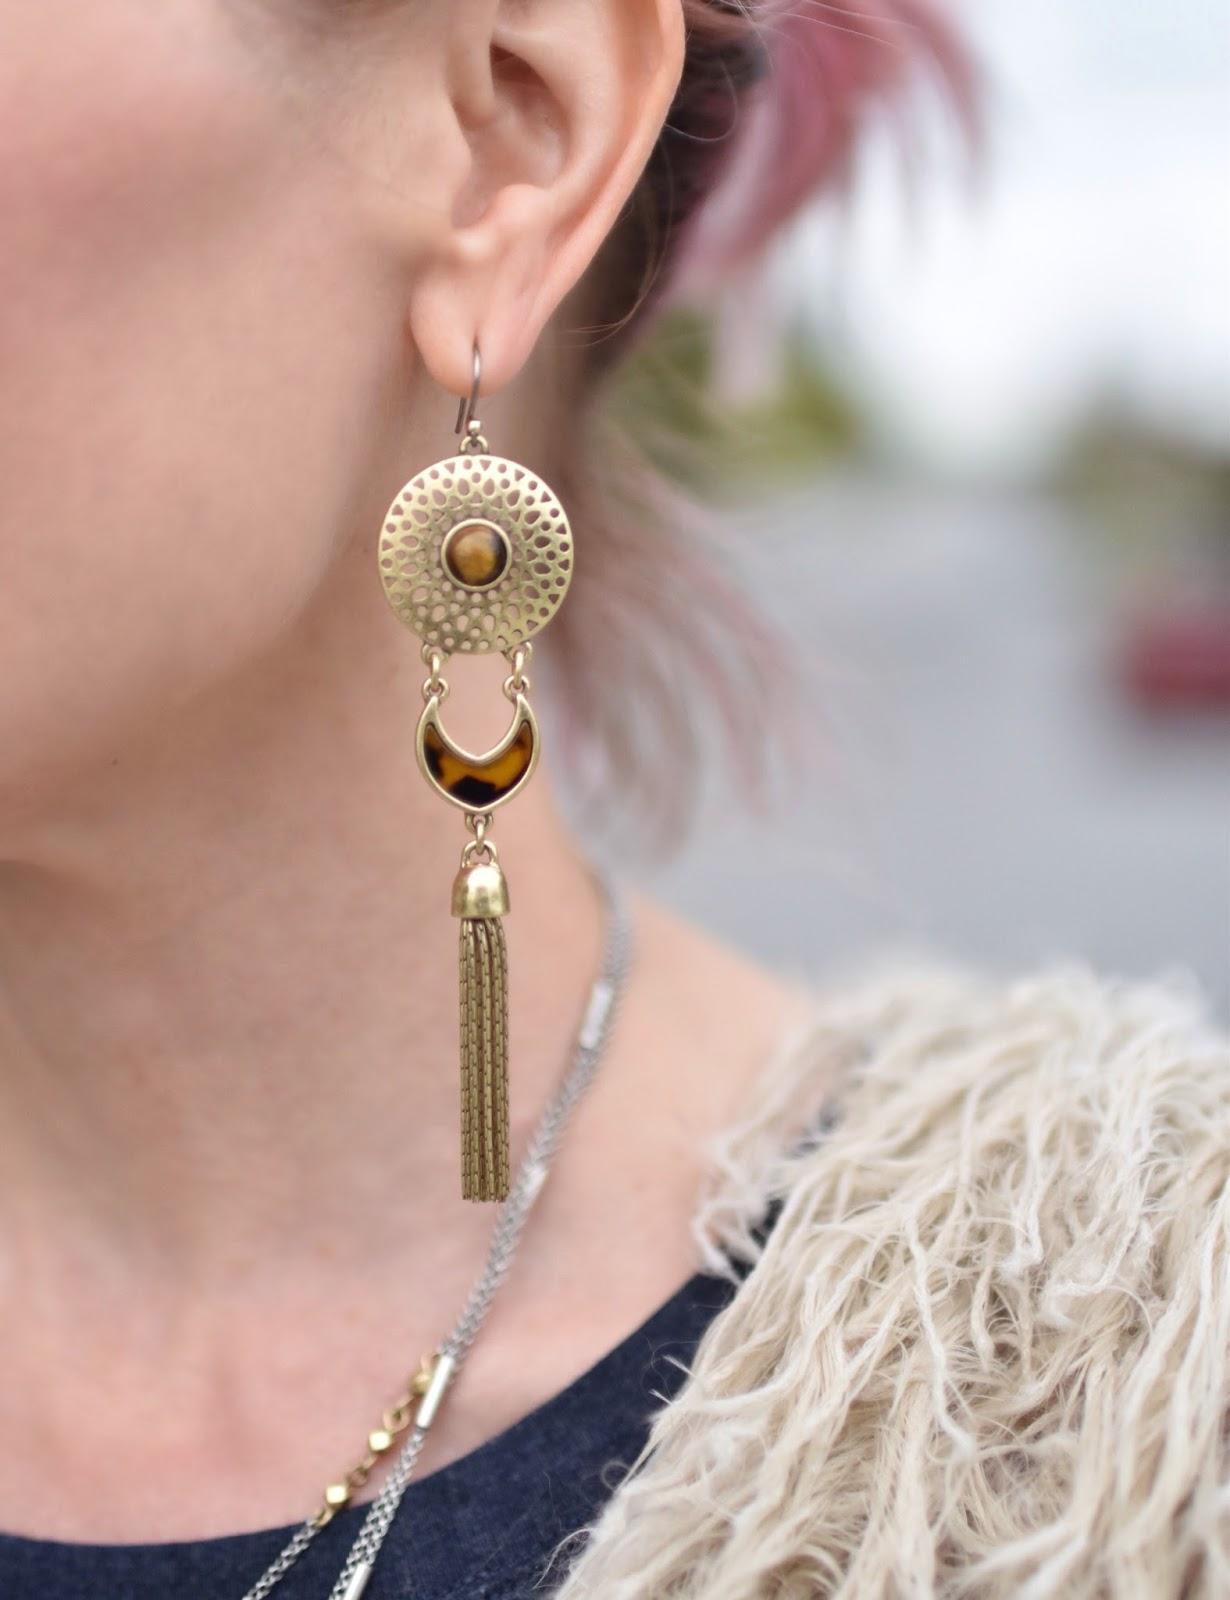 Monika Faulkner outfit inspiration - Lucky Brand brass and tortoiseshell earring